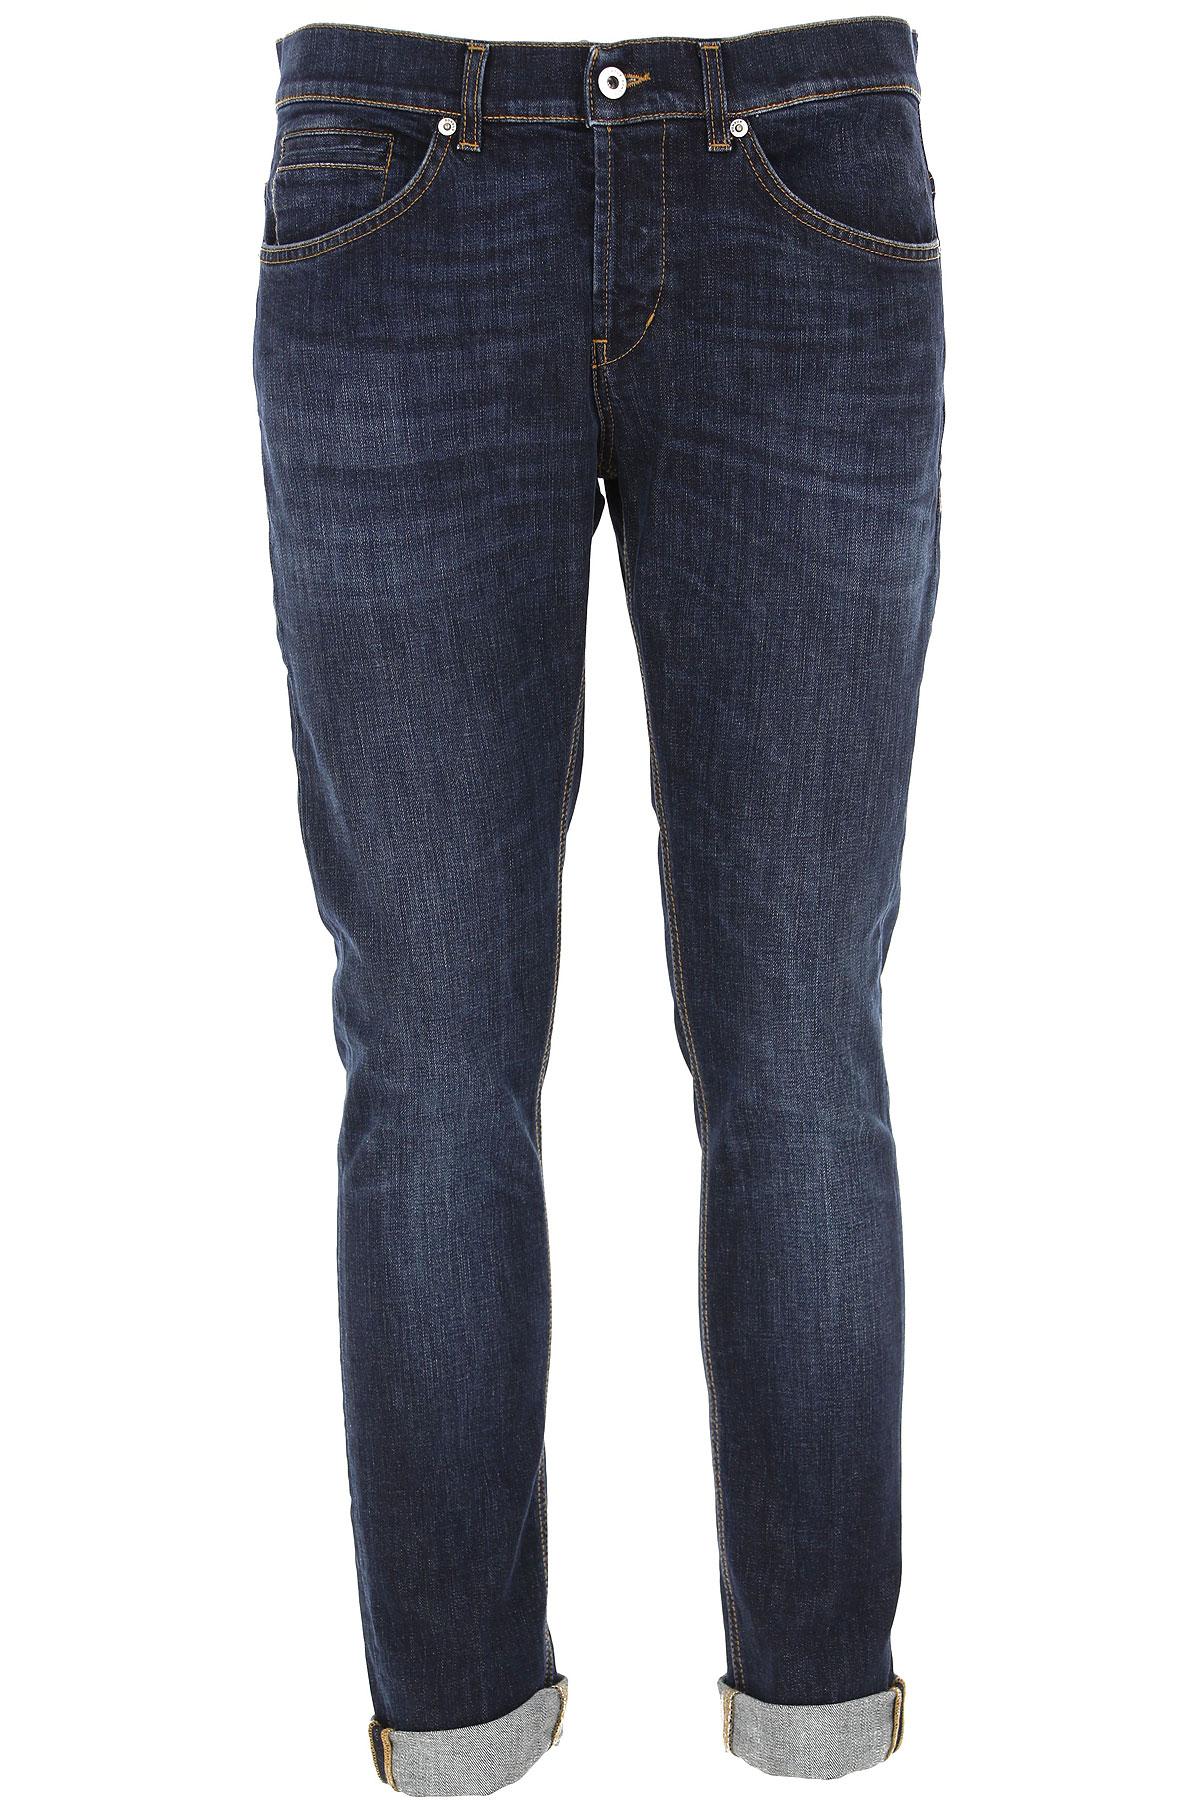 Dondup Jeans, Dark Blue Denim, Cotton, 2019, 30 35